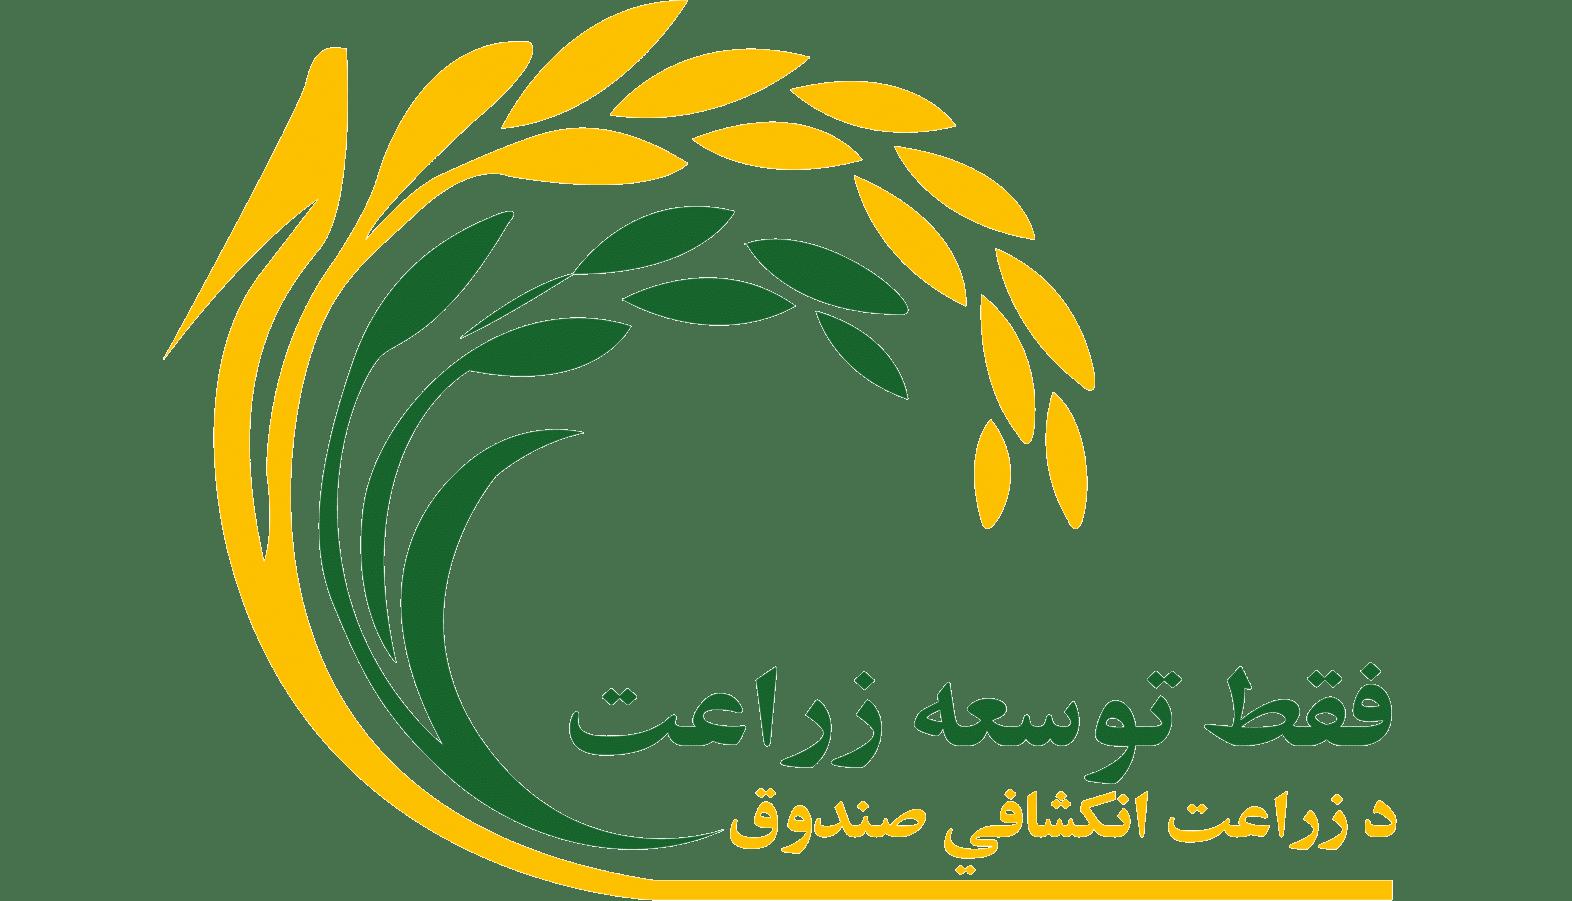 صندوق توسعه زراعتی